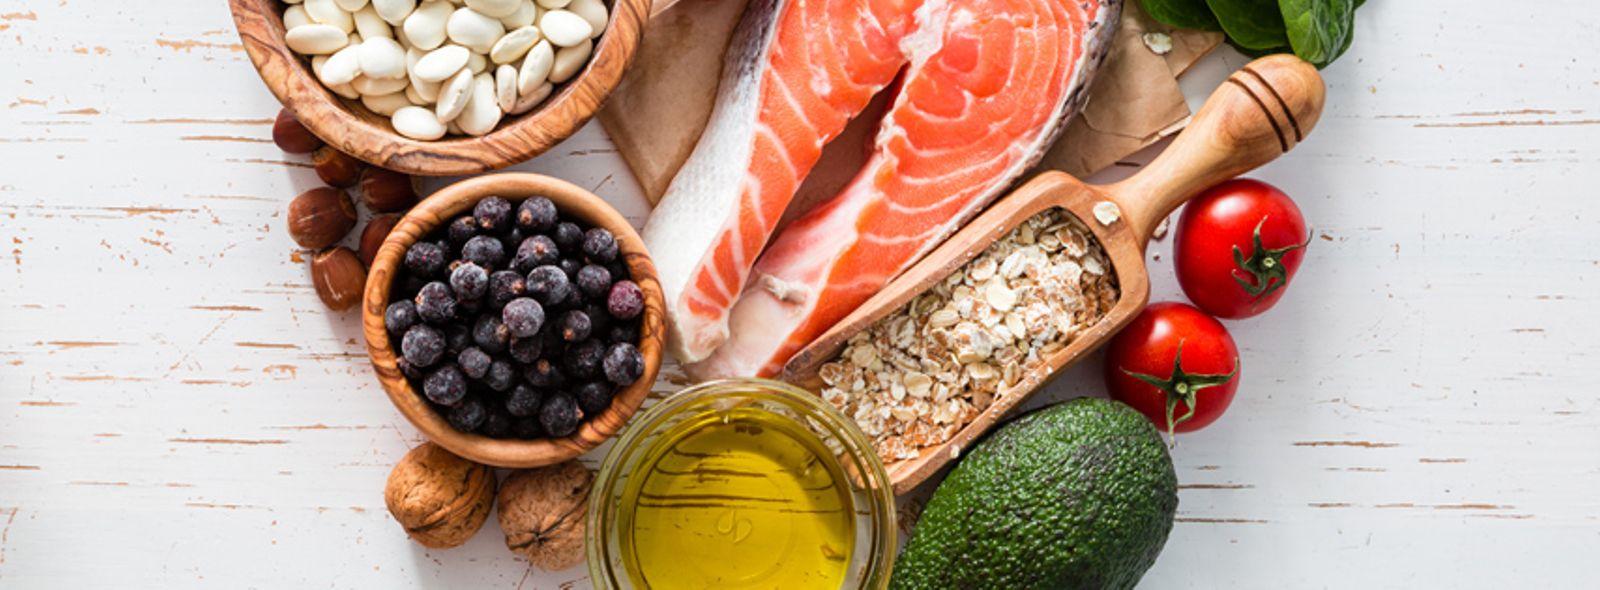 Dieta per abbassare la glicemia